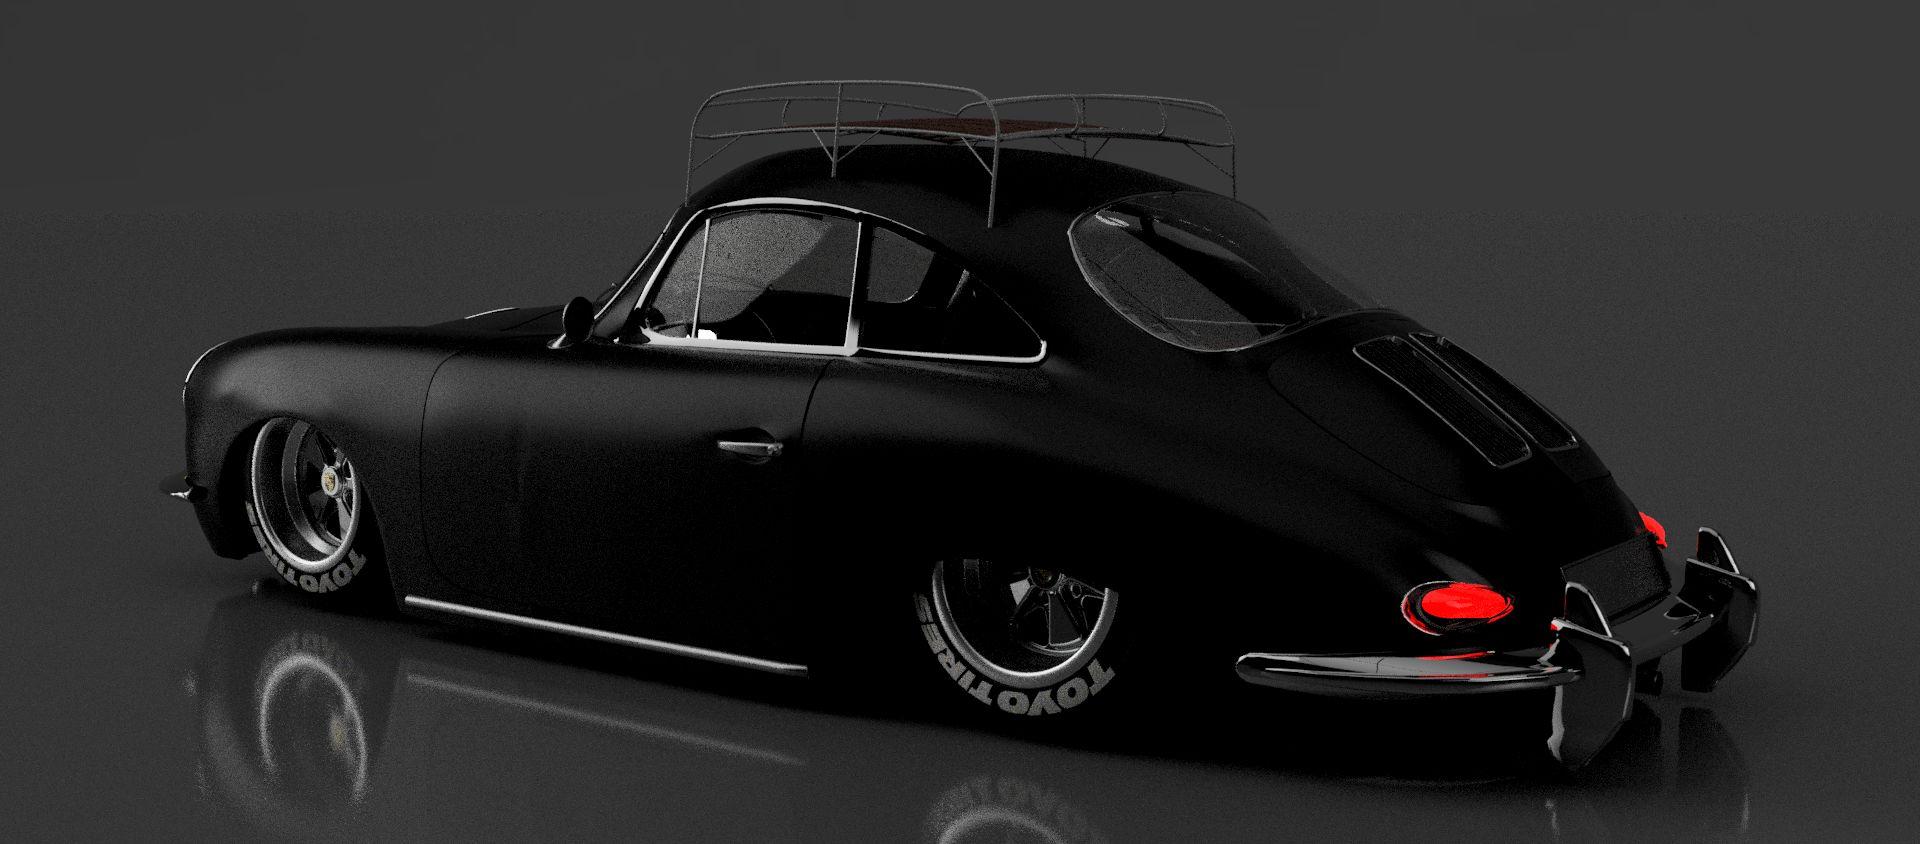 Porsche-356-c-v9-2-3500-3500